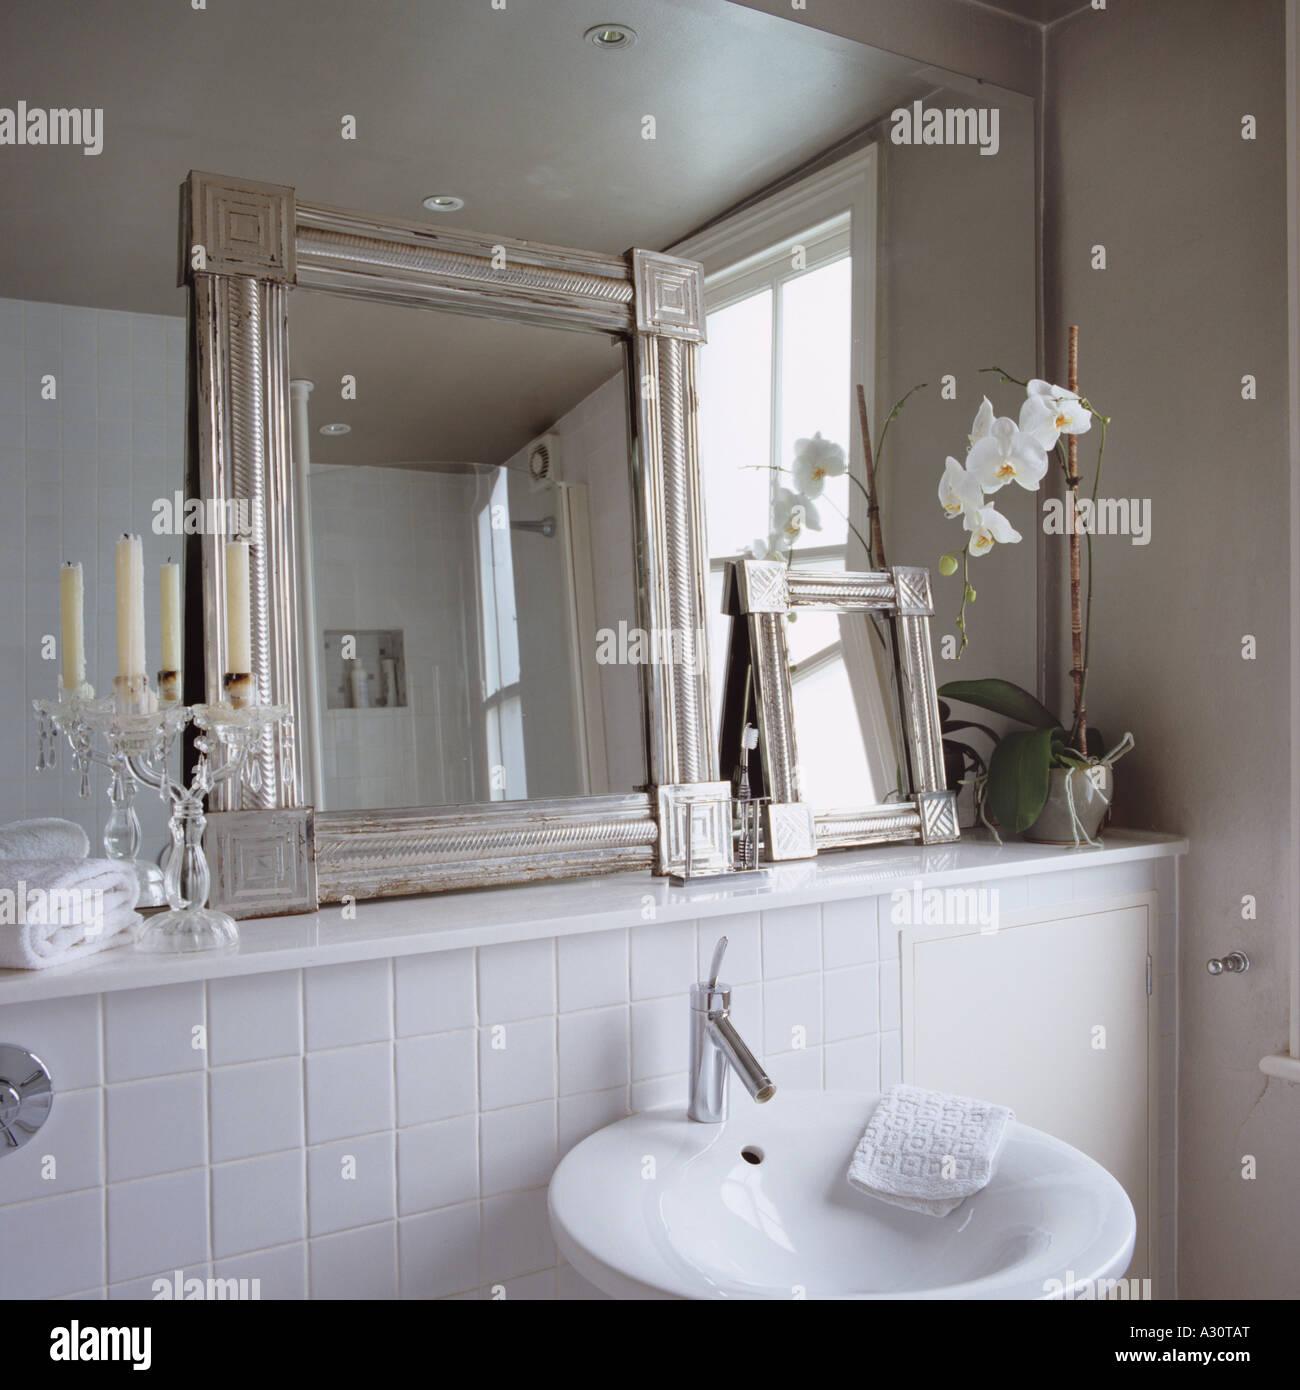 Salle De Bains Contemporaine Blanche Avec Petits Miroirs Encadrés Appuyé  Contre Un Mur à Mur Miroir